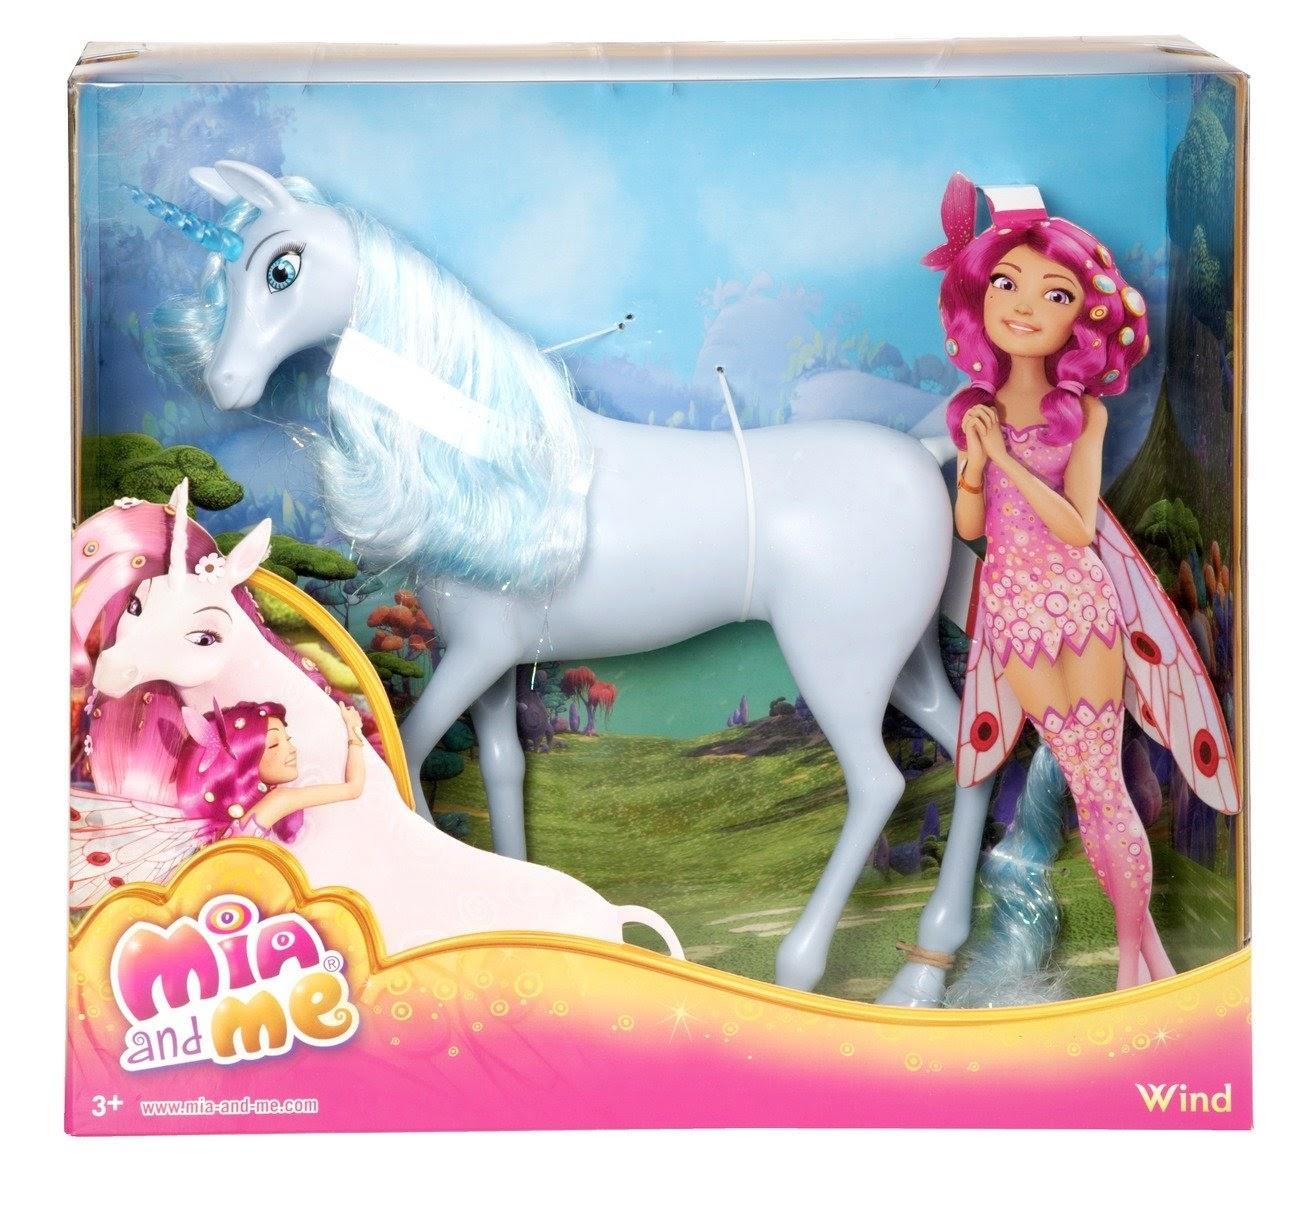 TOYS - Muñeco Unicornio Wind - Viento : Mia and Me  Juguete oficial | Mattel | A partir de 3 años   (Muñeca Mia no incluida)